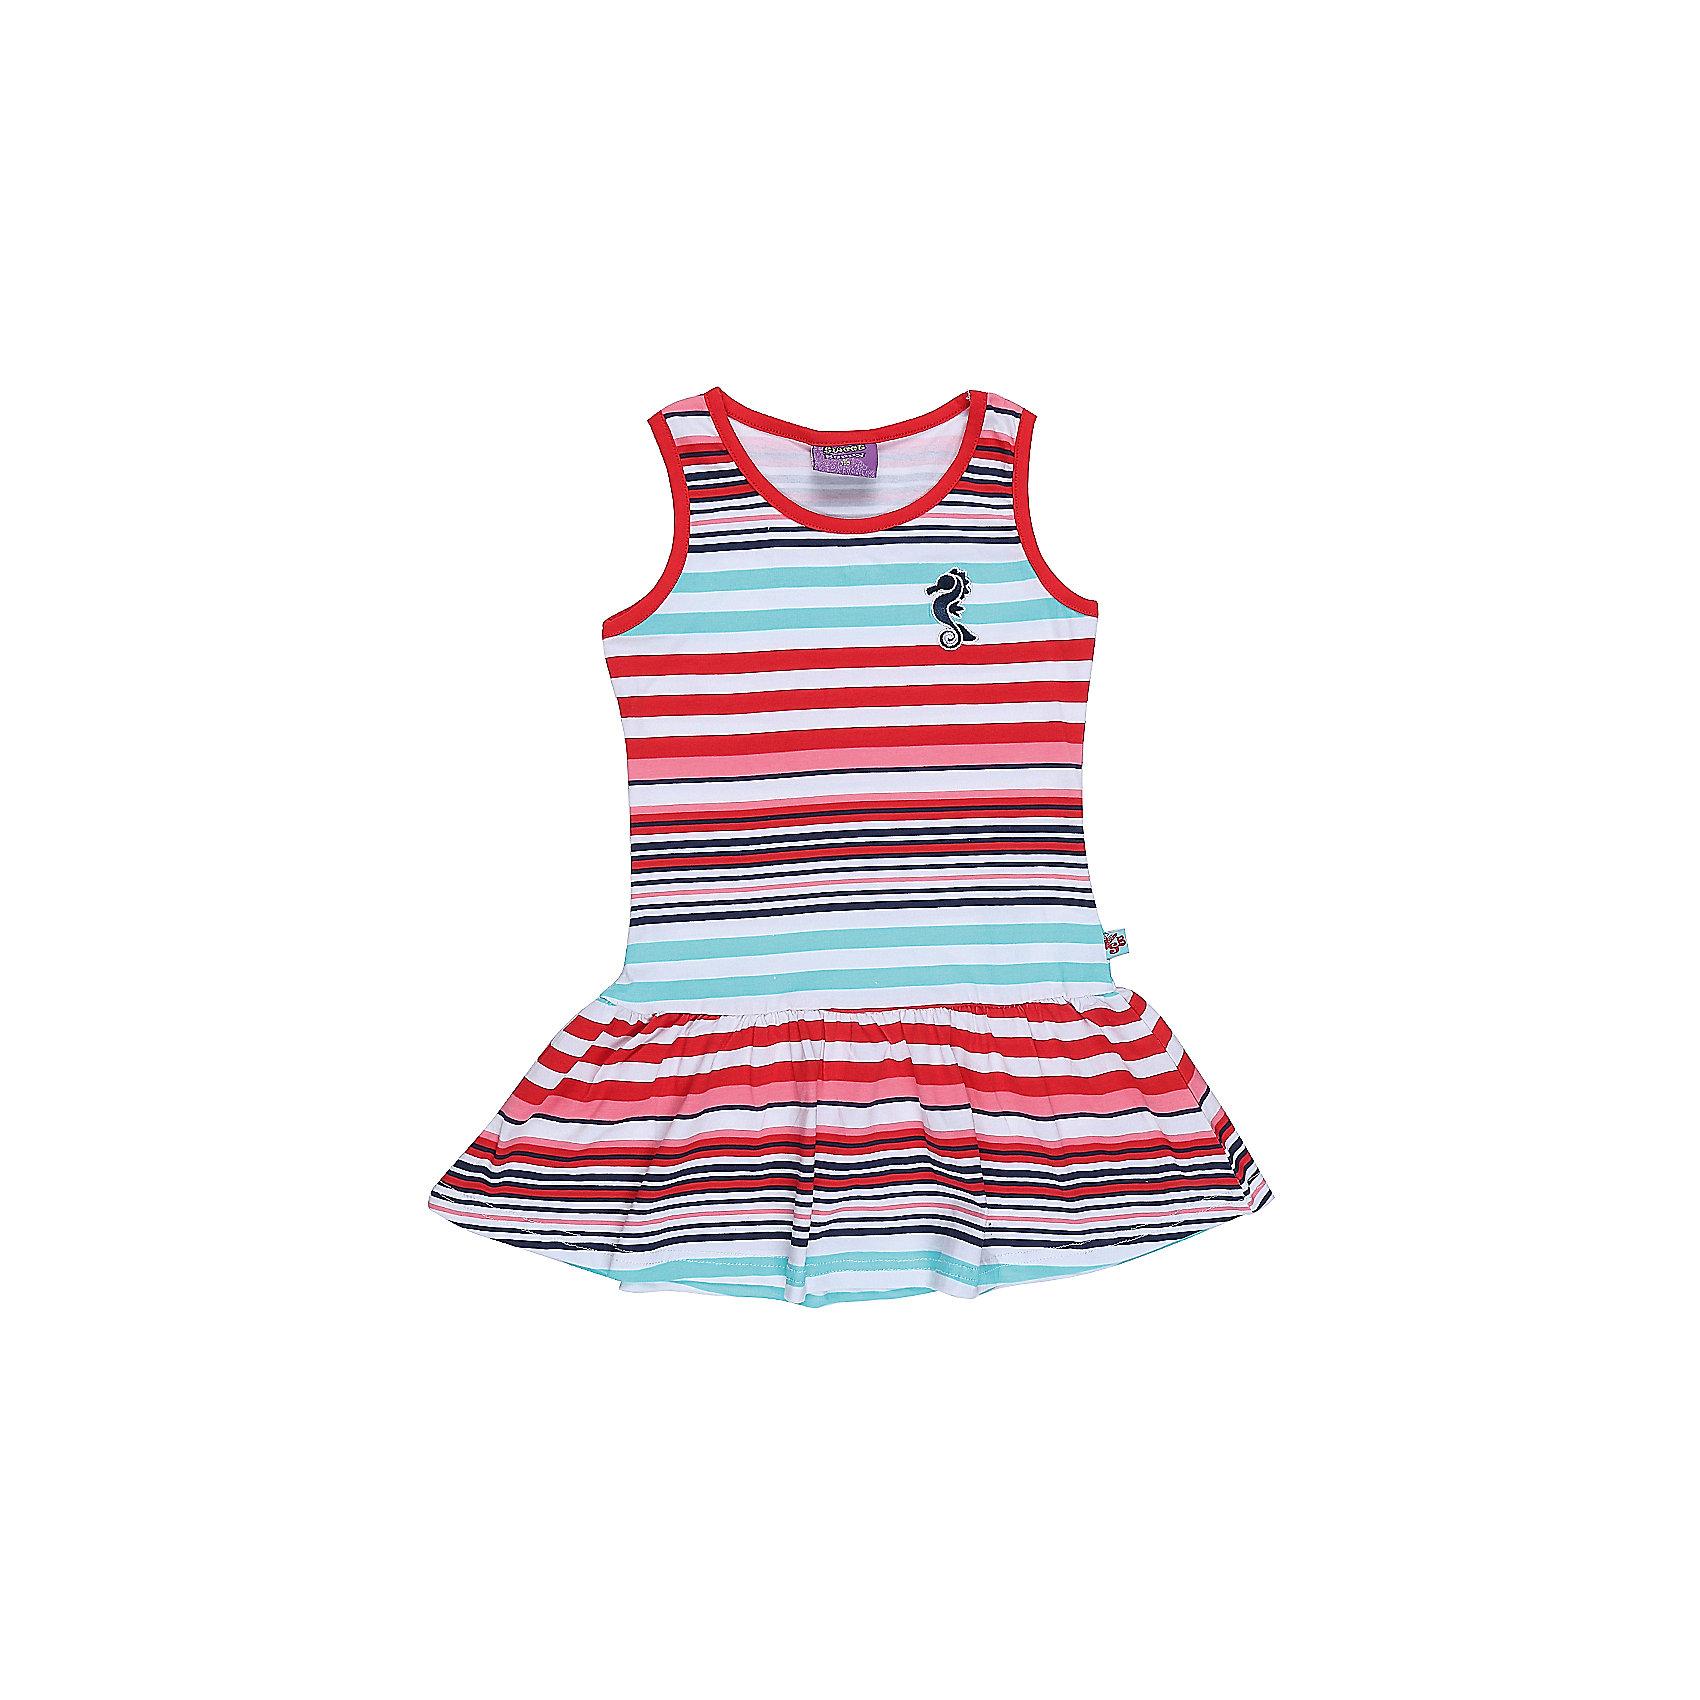 Платье для девочки Sweet BerryПлатья и сарафаны<br>Трикотажное платье для девочки без рукавов в полоску. Декрированно вышивкой.<br>Состав:<br>95%хлопок 5%эластан<br><br>Ширина мм: 236<br>Глубина мм: 16<br>Высота мм: 184<br>Вес г: 177<br>Цвет: белый<br>Возраст от месяцев: 36<br>Возраст до месяцев: 48<br>Пол: Женский<br>Возраст: Детский<br>Размер: 104,98,110,116,122,128<br>SKU: 5411929